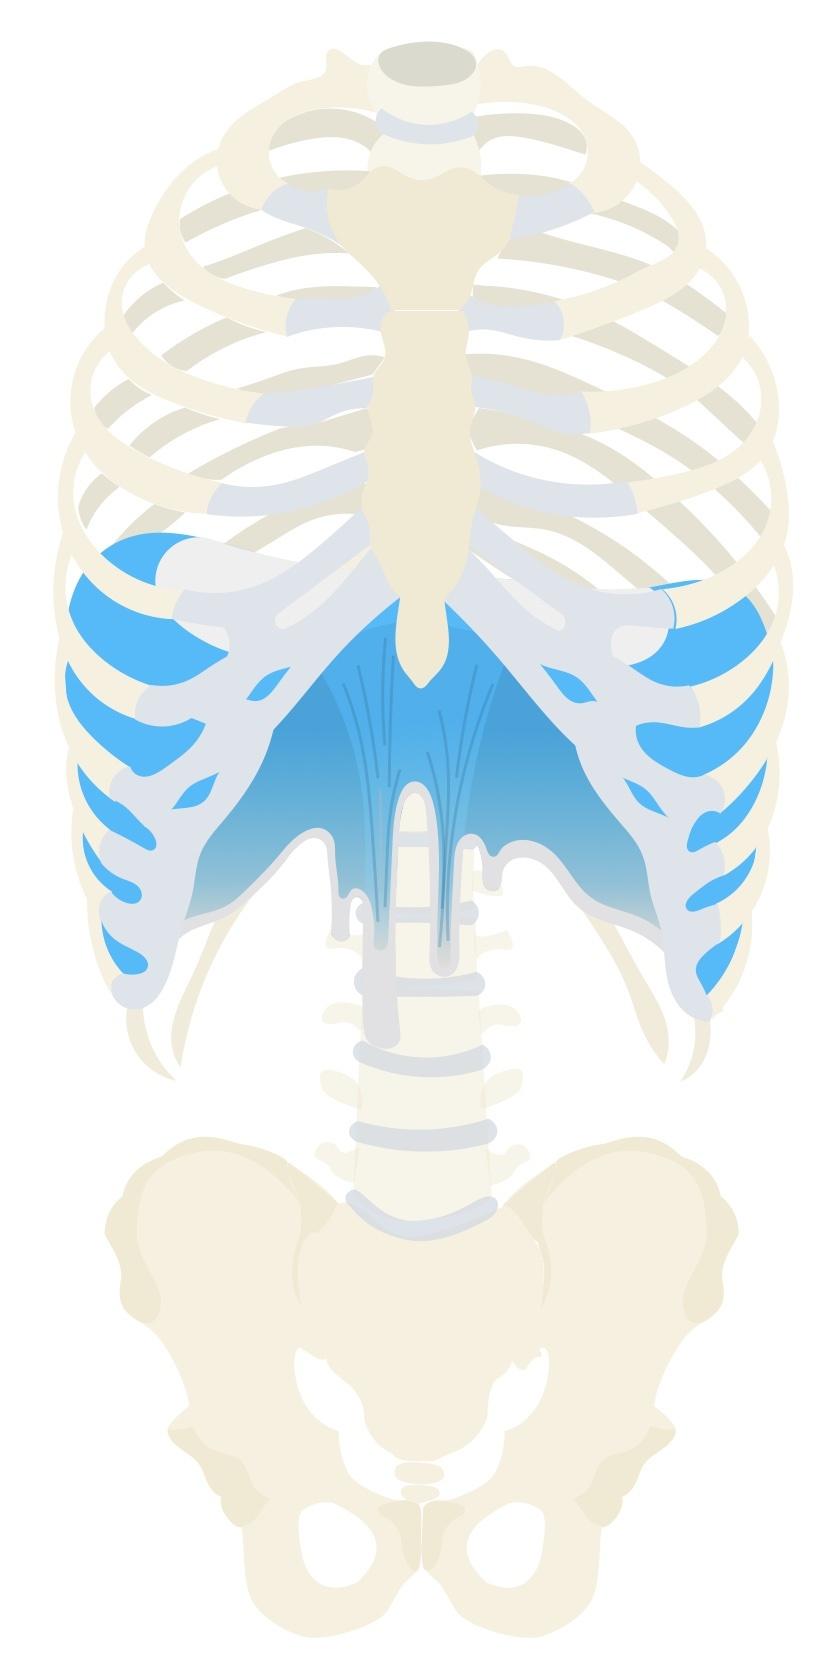 Diaphragm anatomy